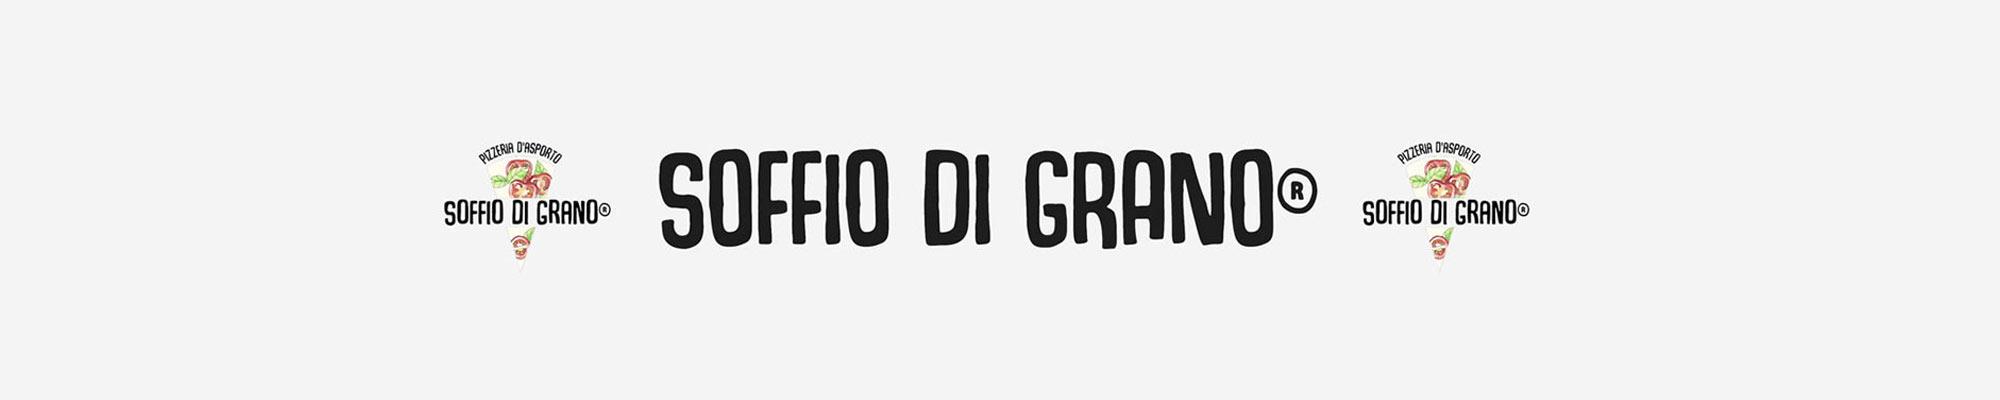 Soffio di Grano - Dalmine - Pizza da asporto e a domicilio